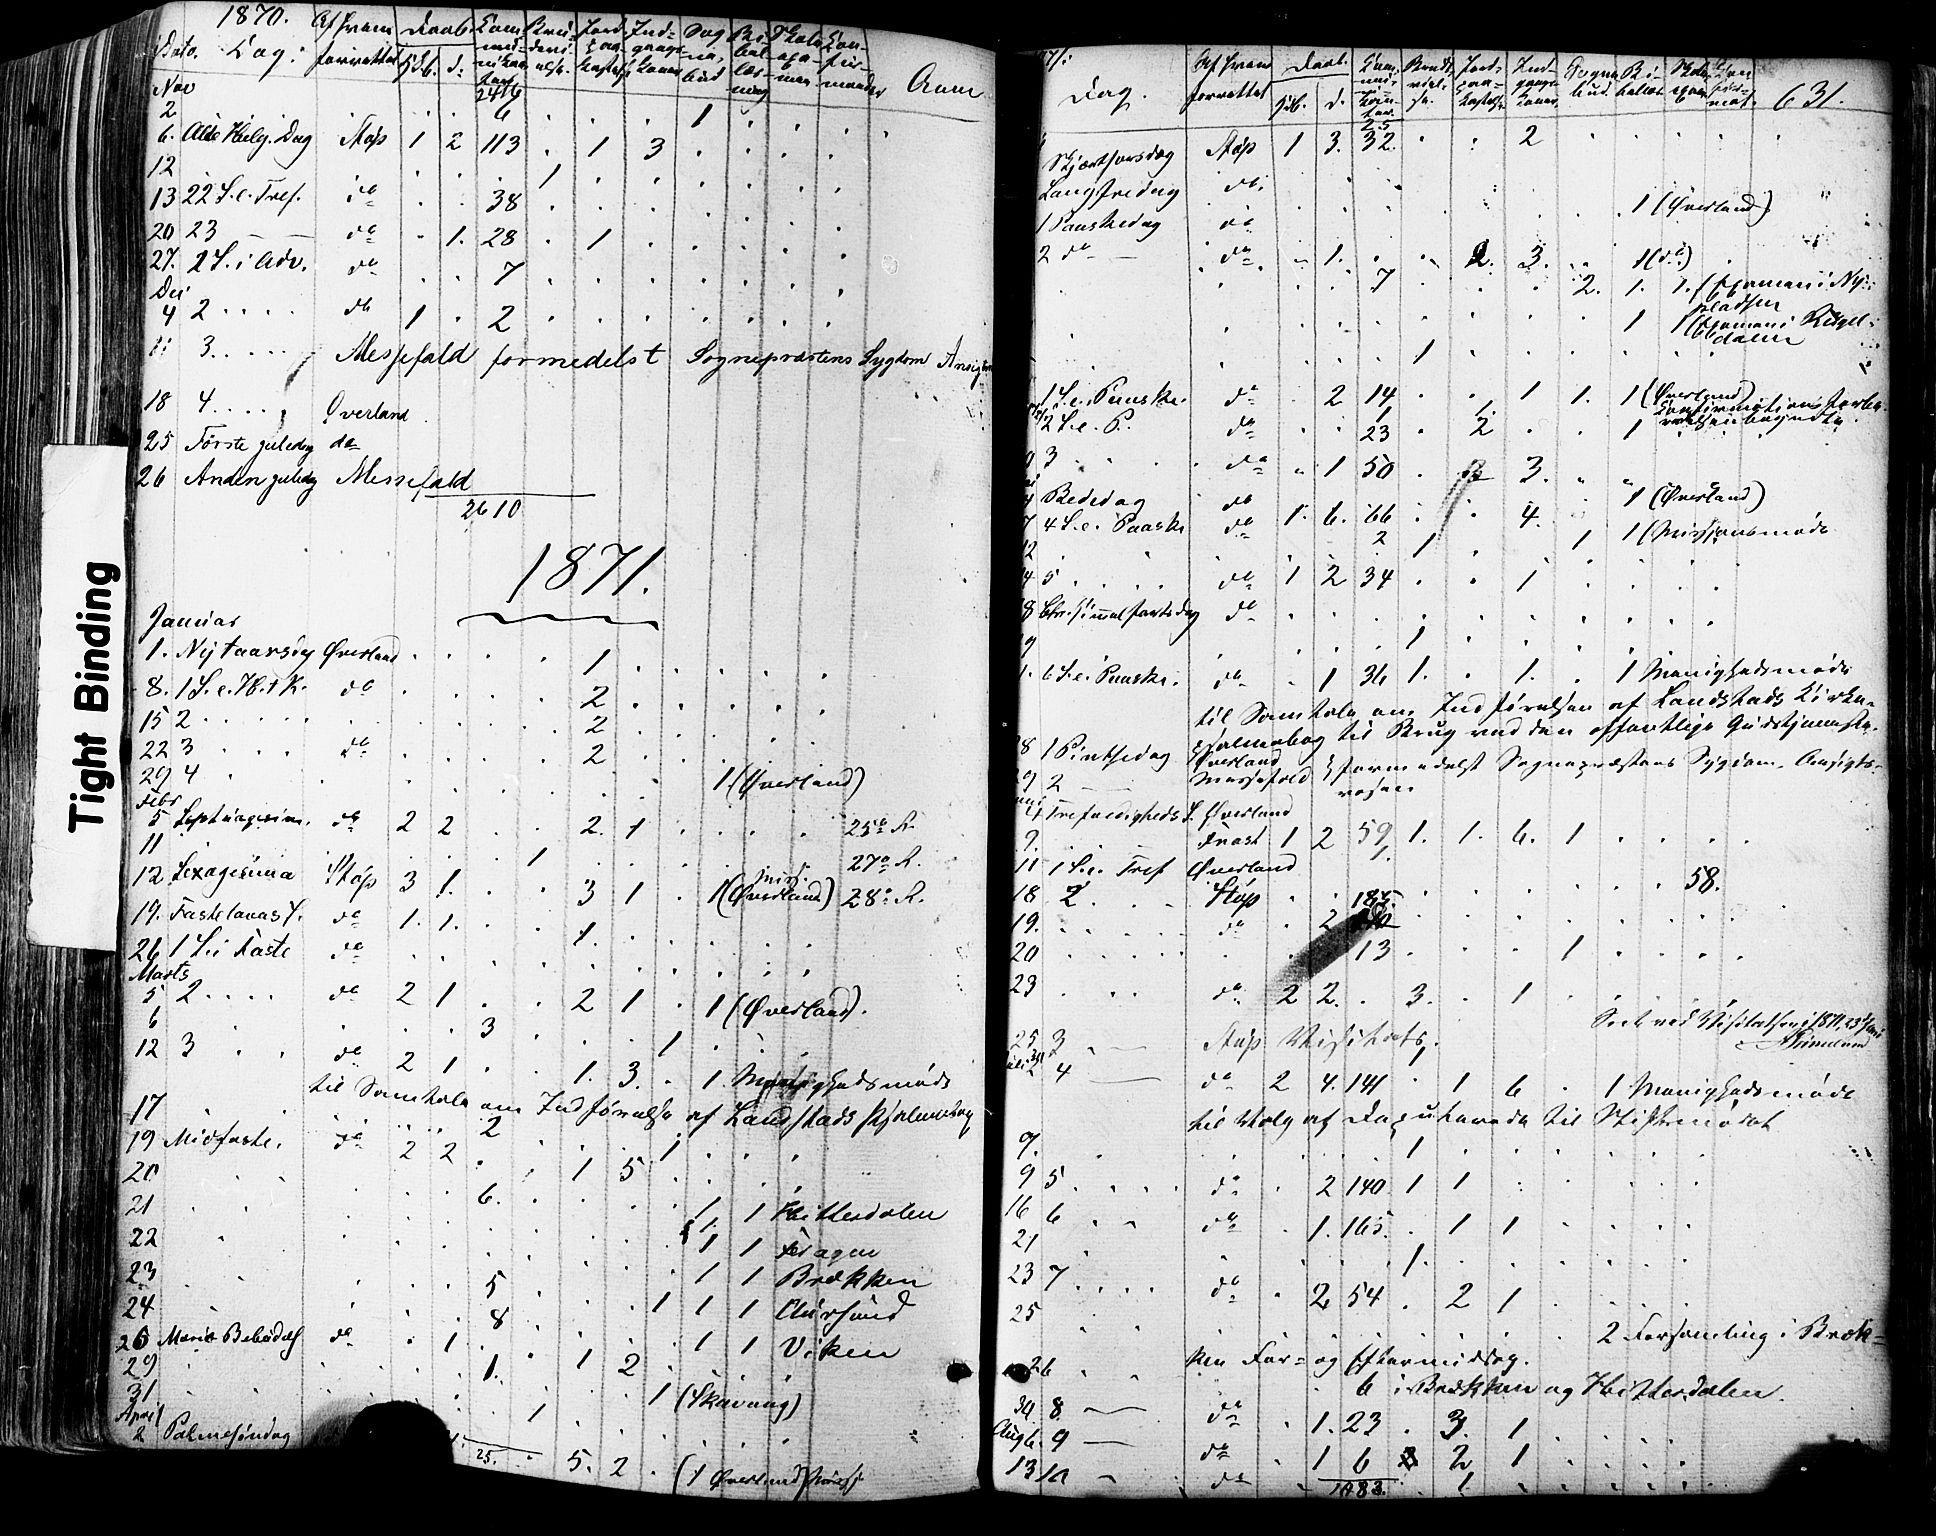 SAT, Ministerialprotokoller, klokkerbøker og fødselsregistre - Sør-Trøndelag, 681/L0932: Ministerialbok nr. 681A10, 1860-1878, s. 631